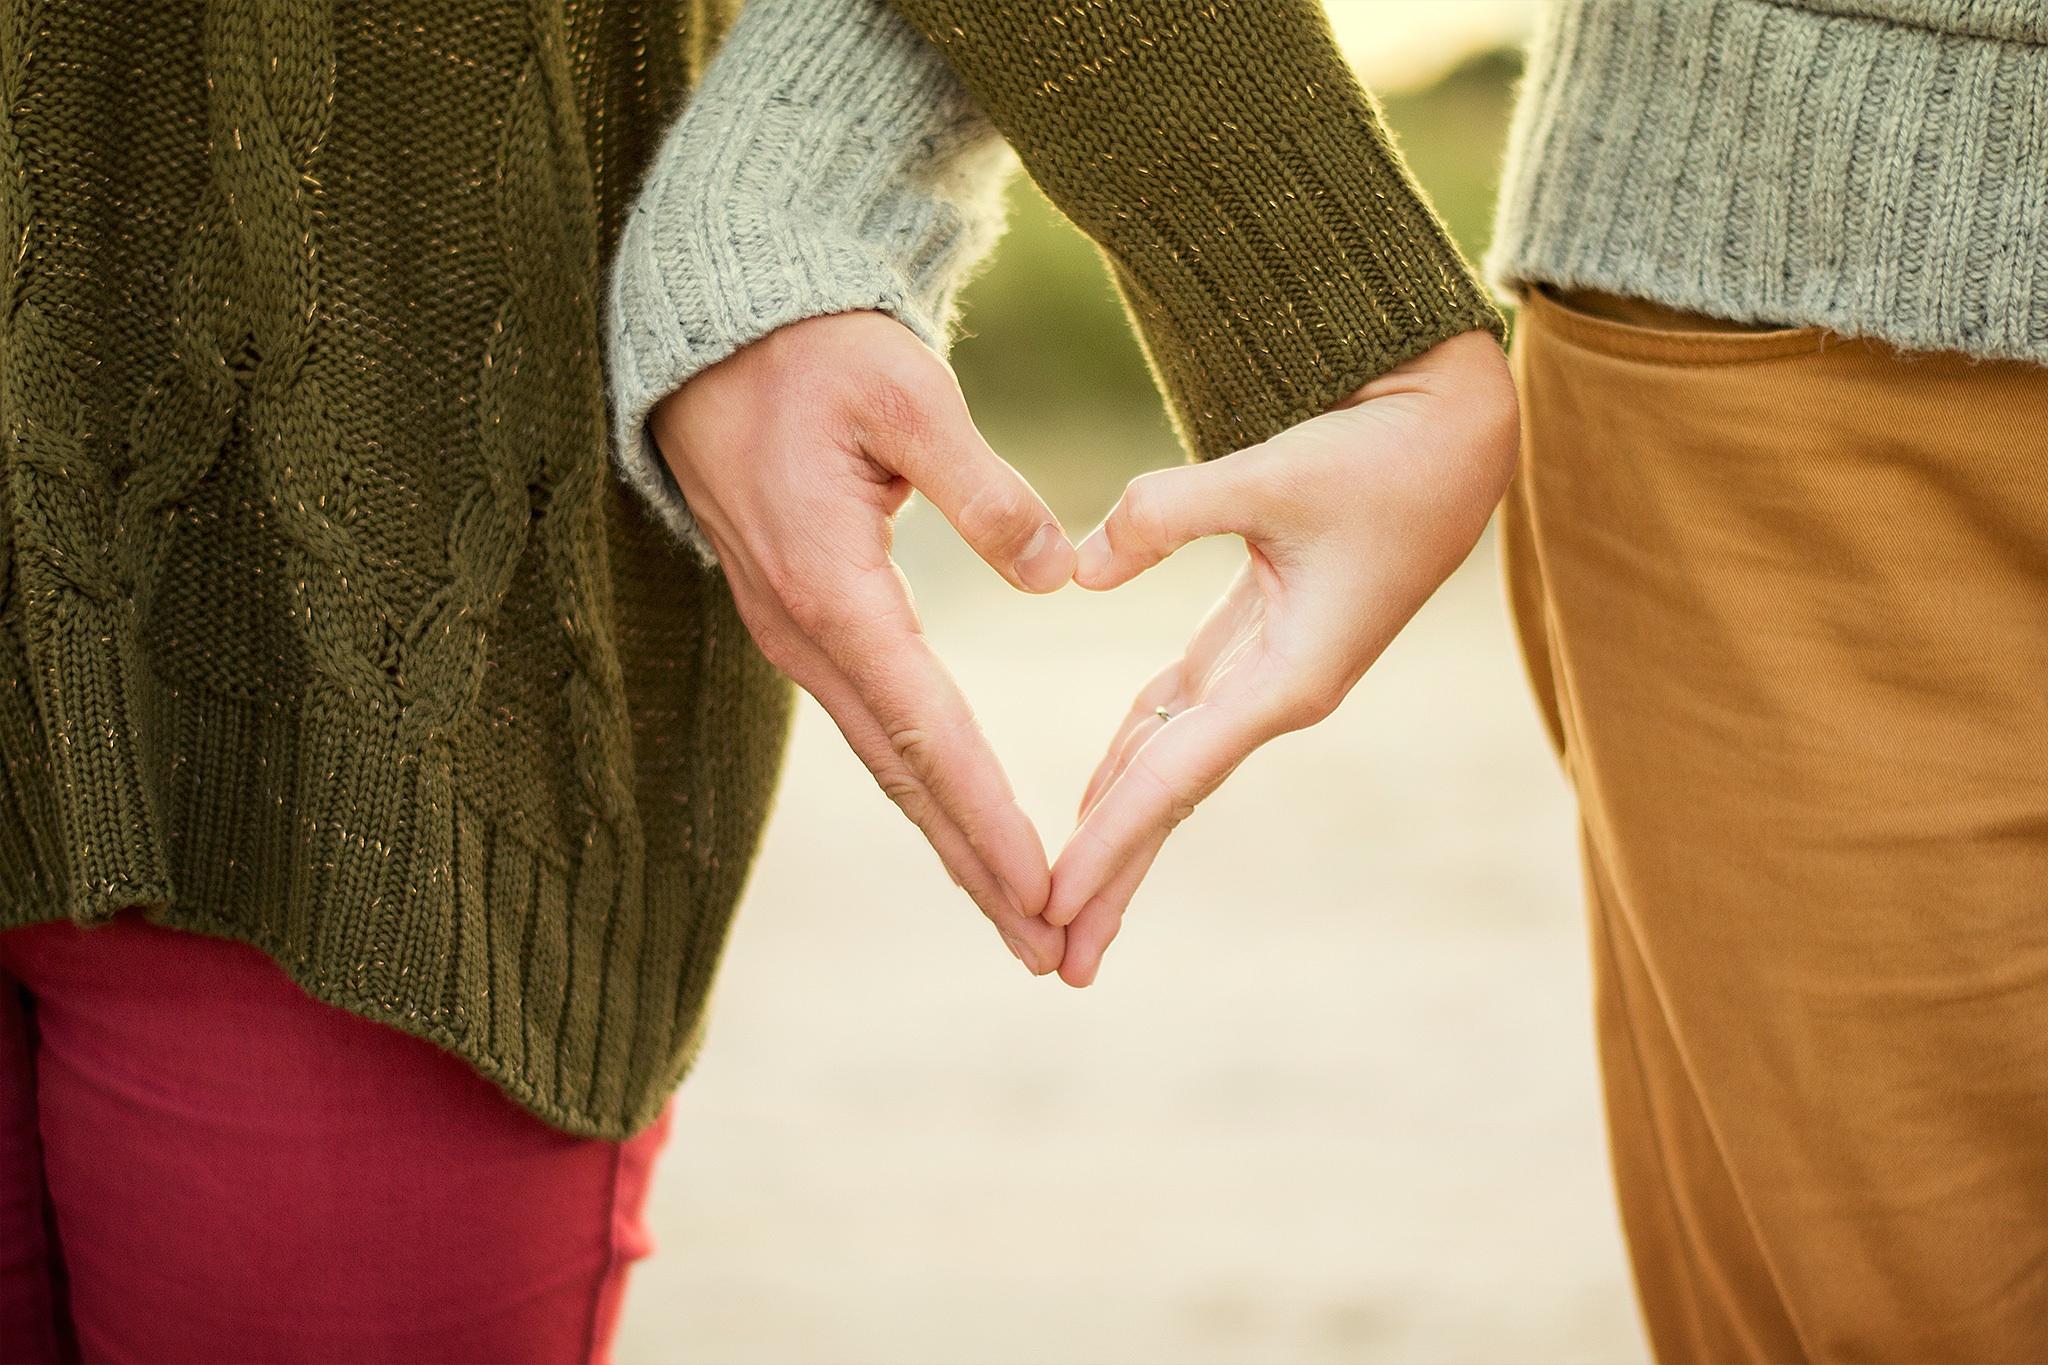 מטפלת זוגית, טיפול זוגי